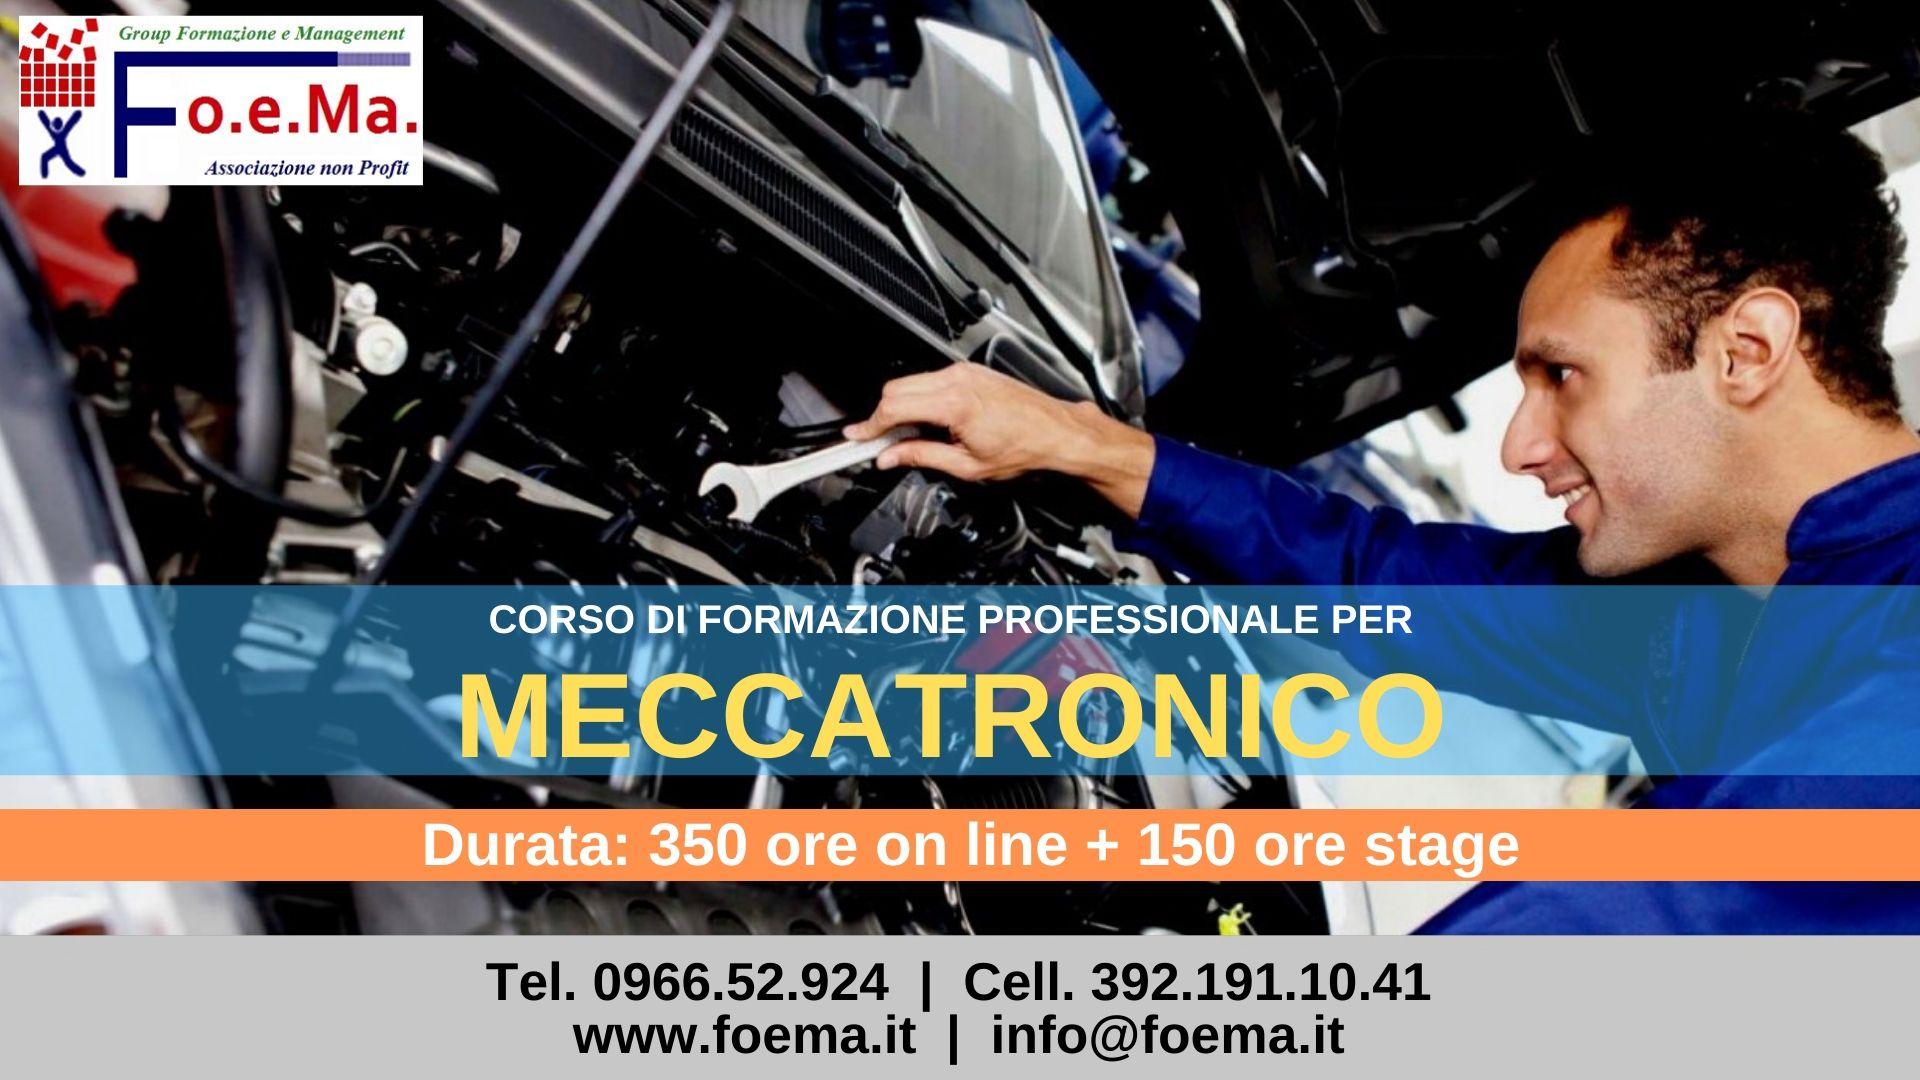 Meccatronico Image